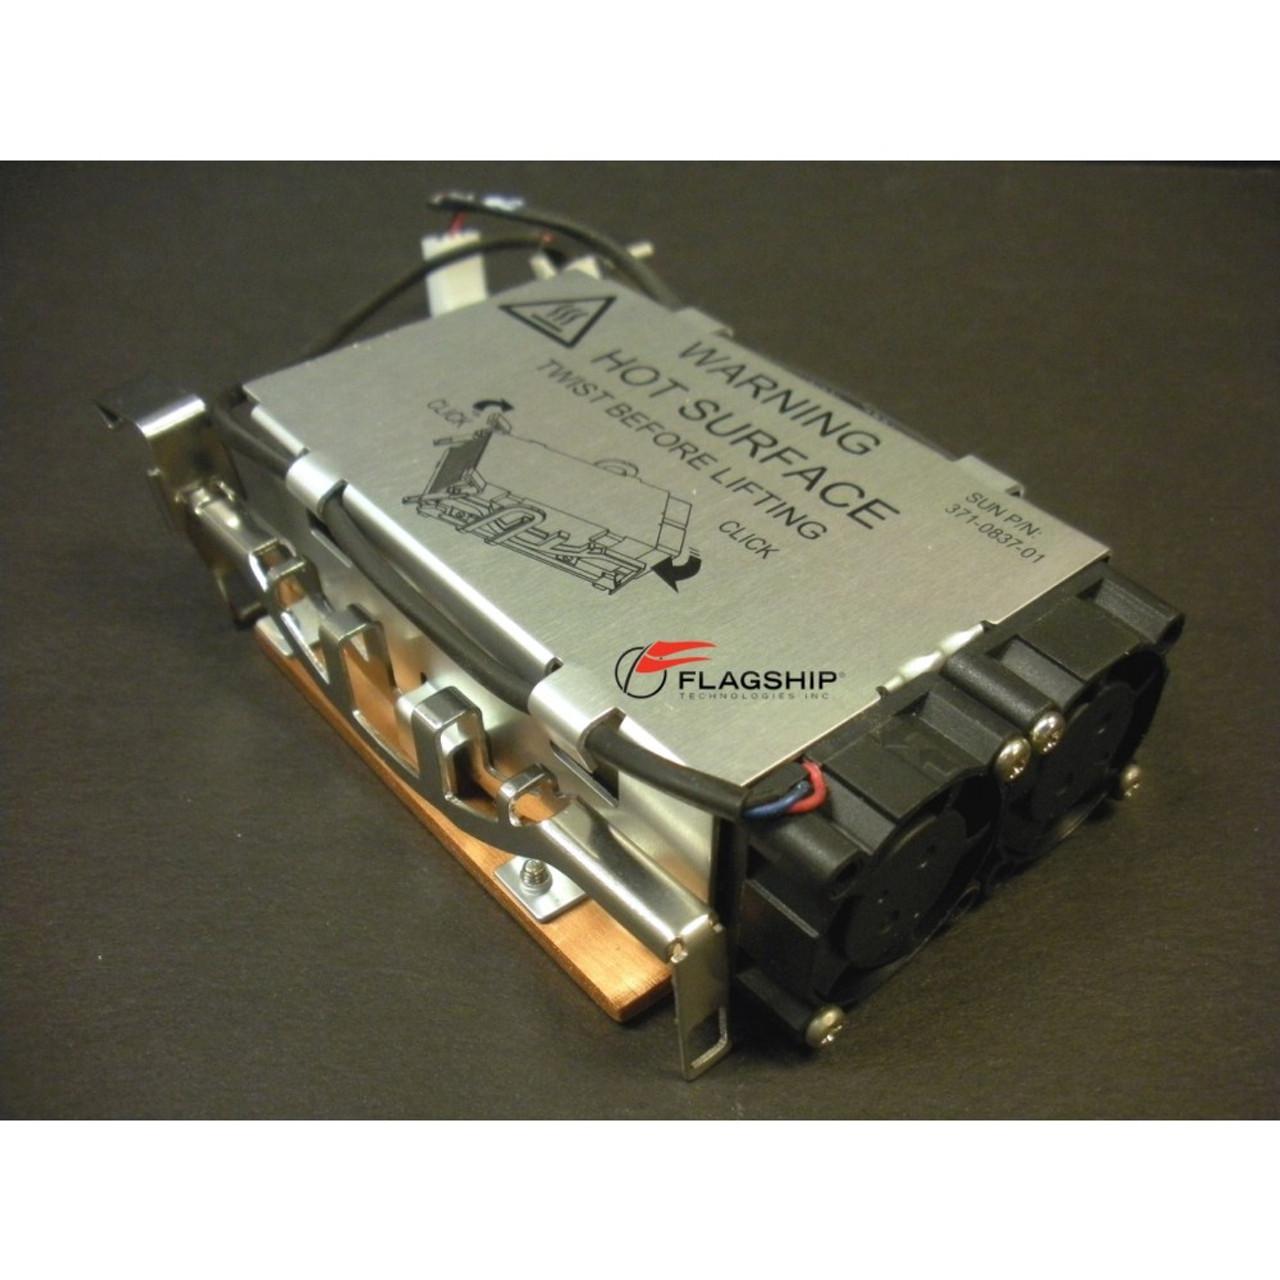 Sun CPU HEATSINK//FAN V210//240 Model# 371-0837